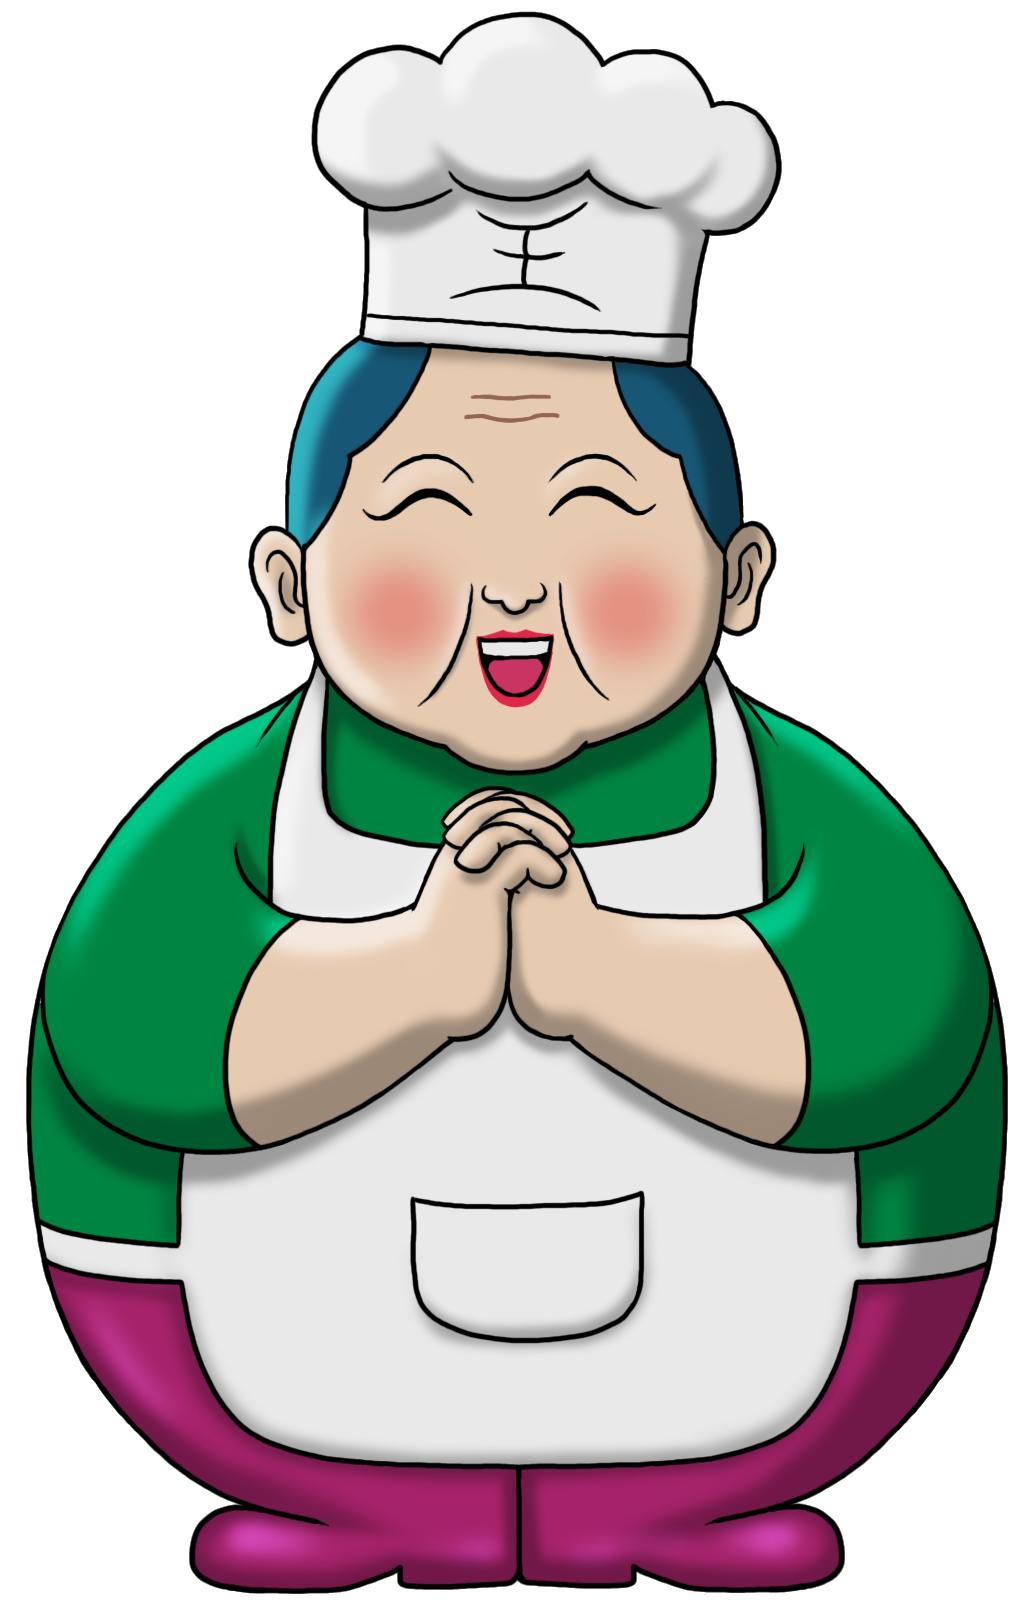 成都王妈餐饮管理有限公司